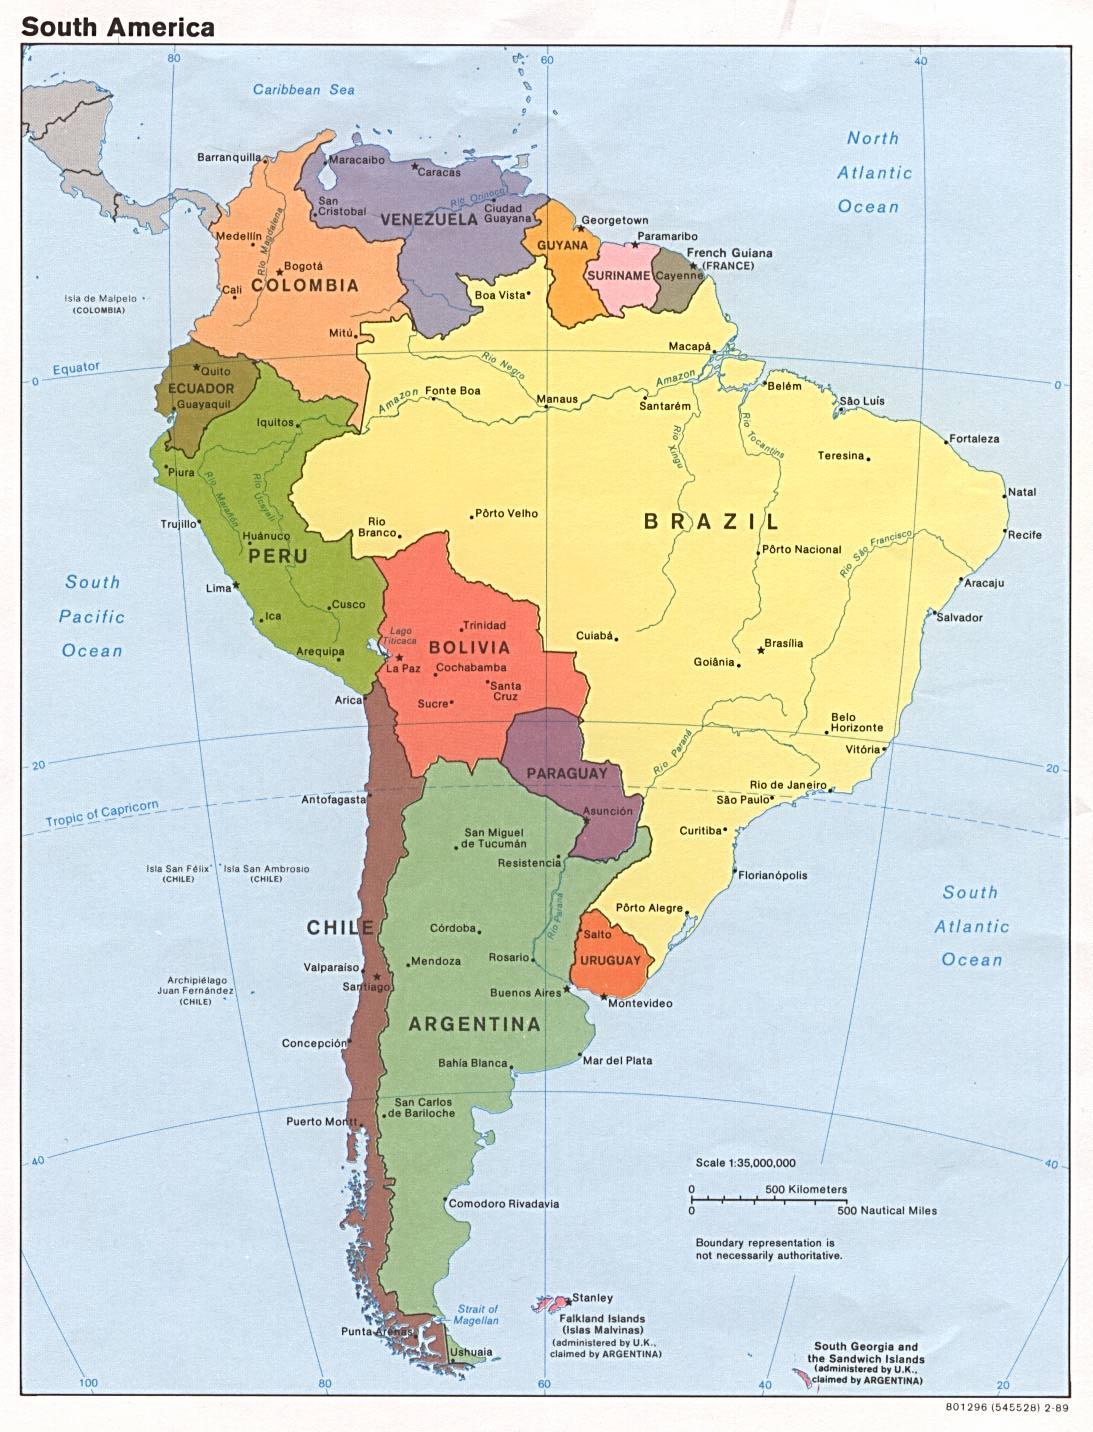 Mapa Político de América del Sur 1989